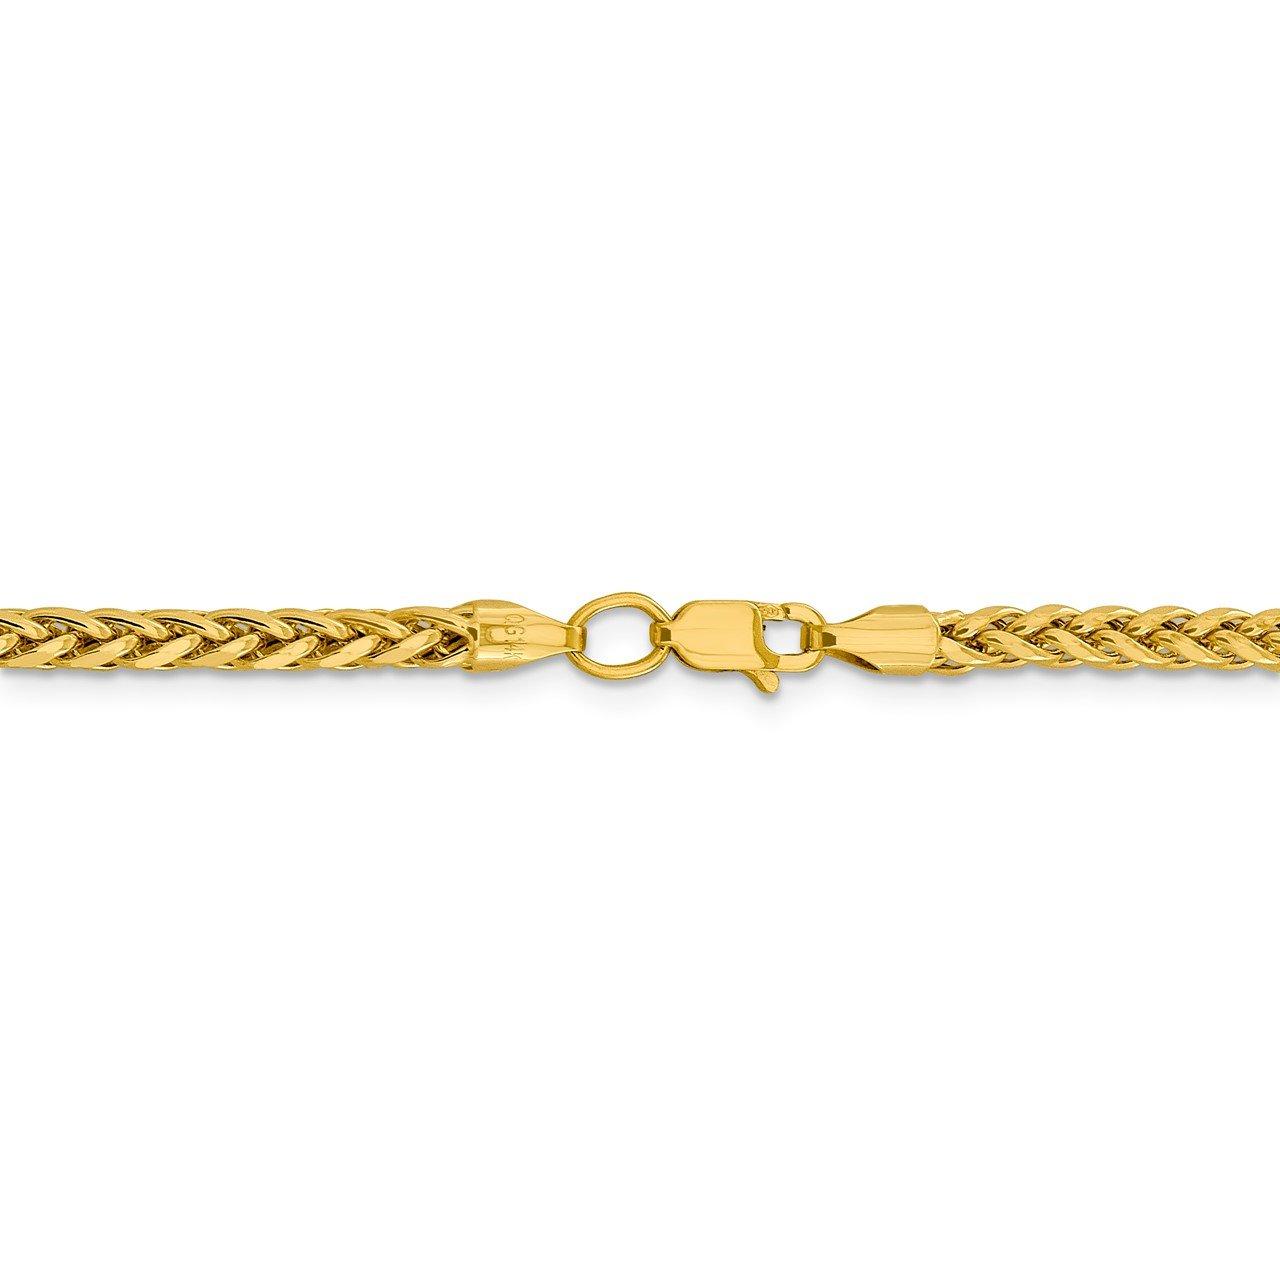 14k 3.1mm Semi-solid D/C Wheat Chain-3